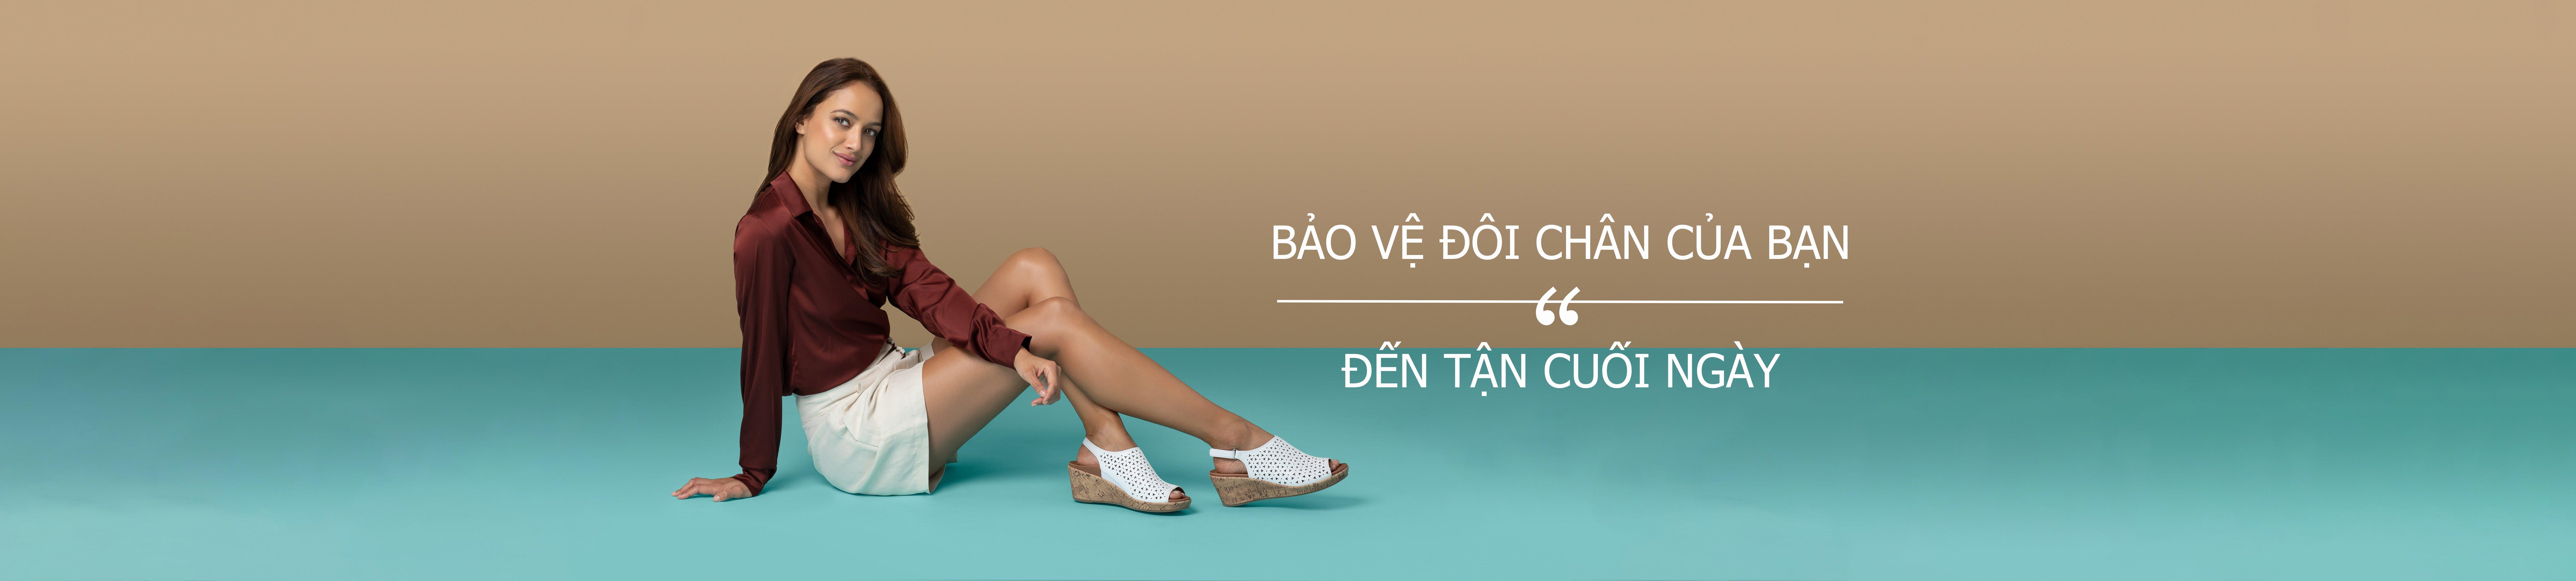 Lót giày Thể Thao